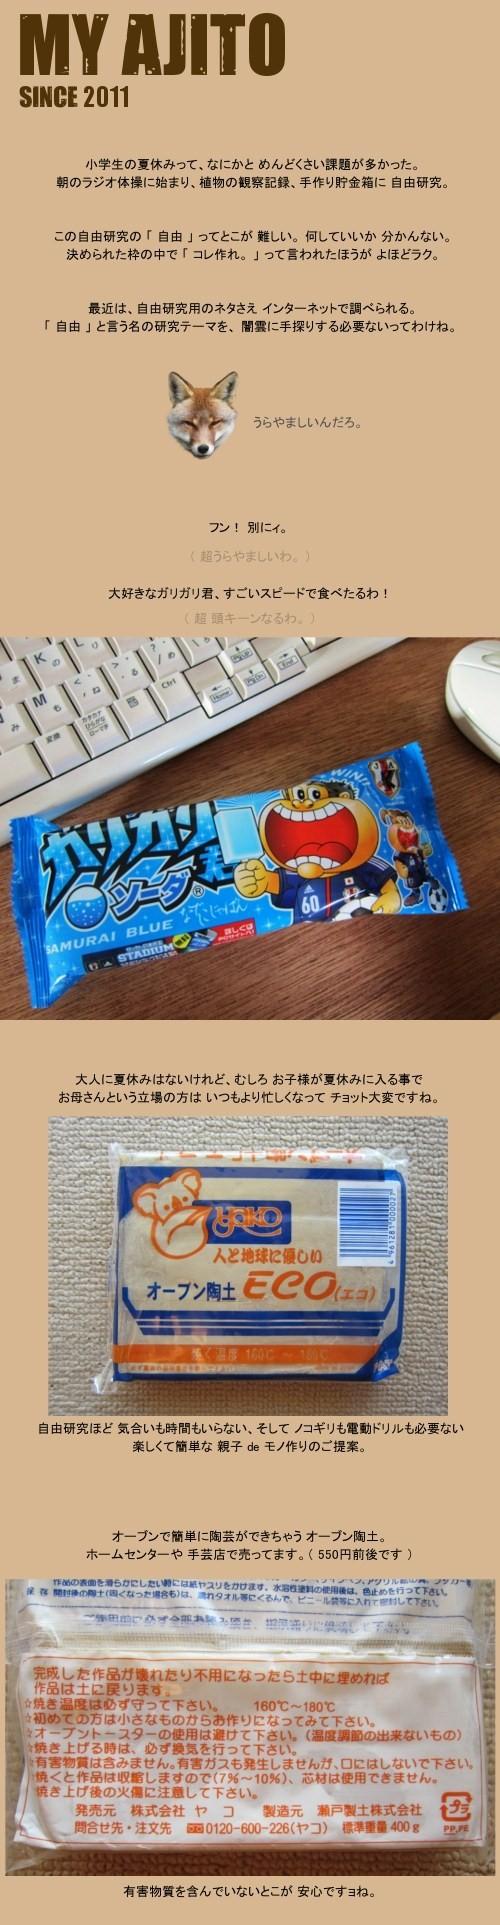 YAKI_001.jpg